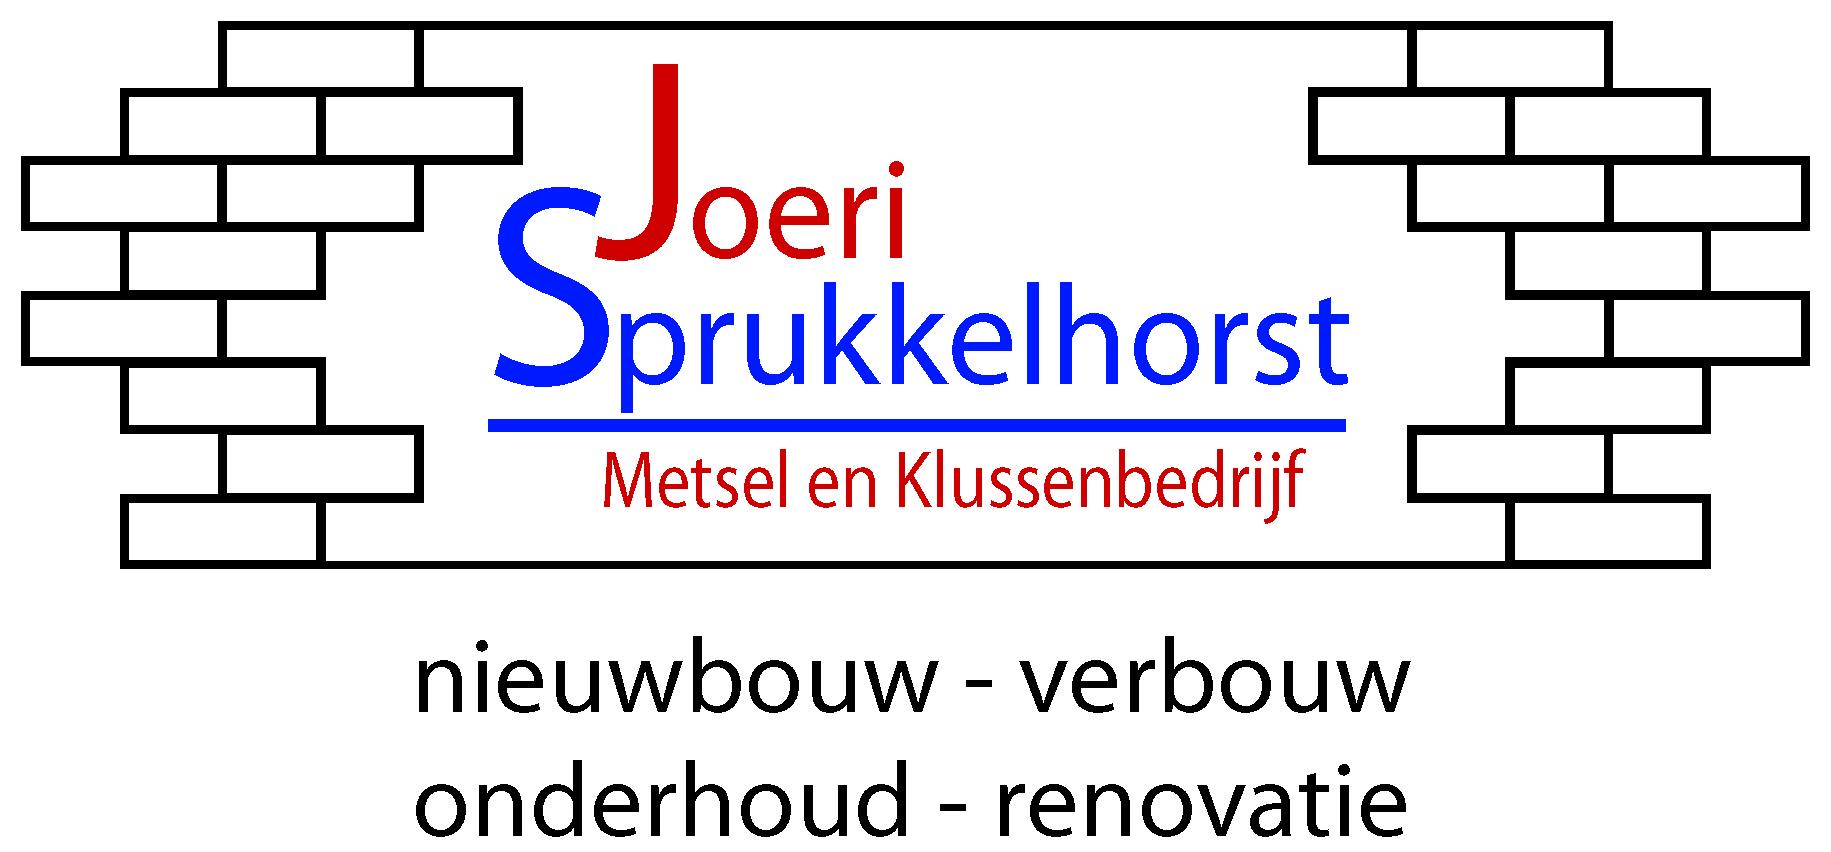 Joeri Sprukkelhorst | Metsel- en klussenbedrijf